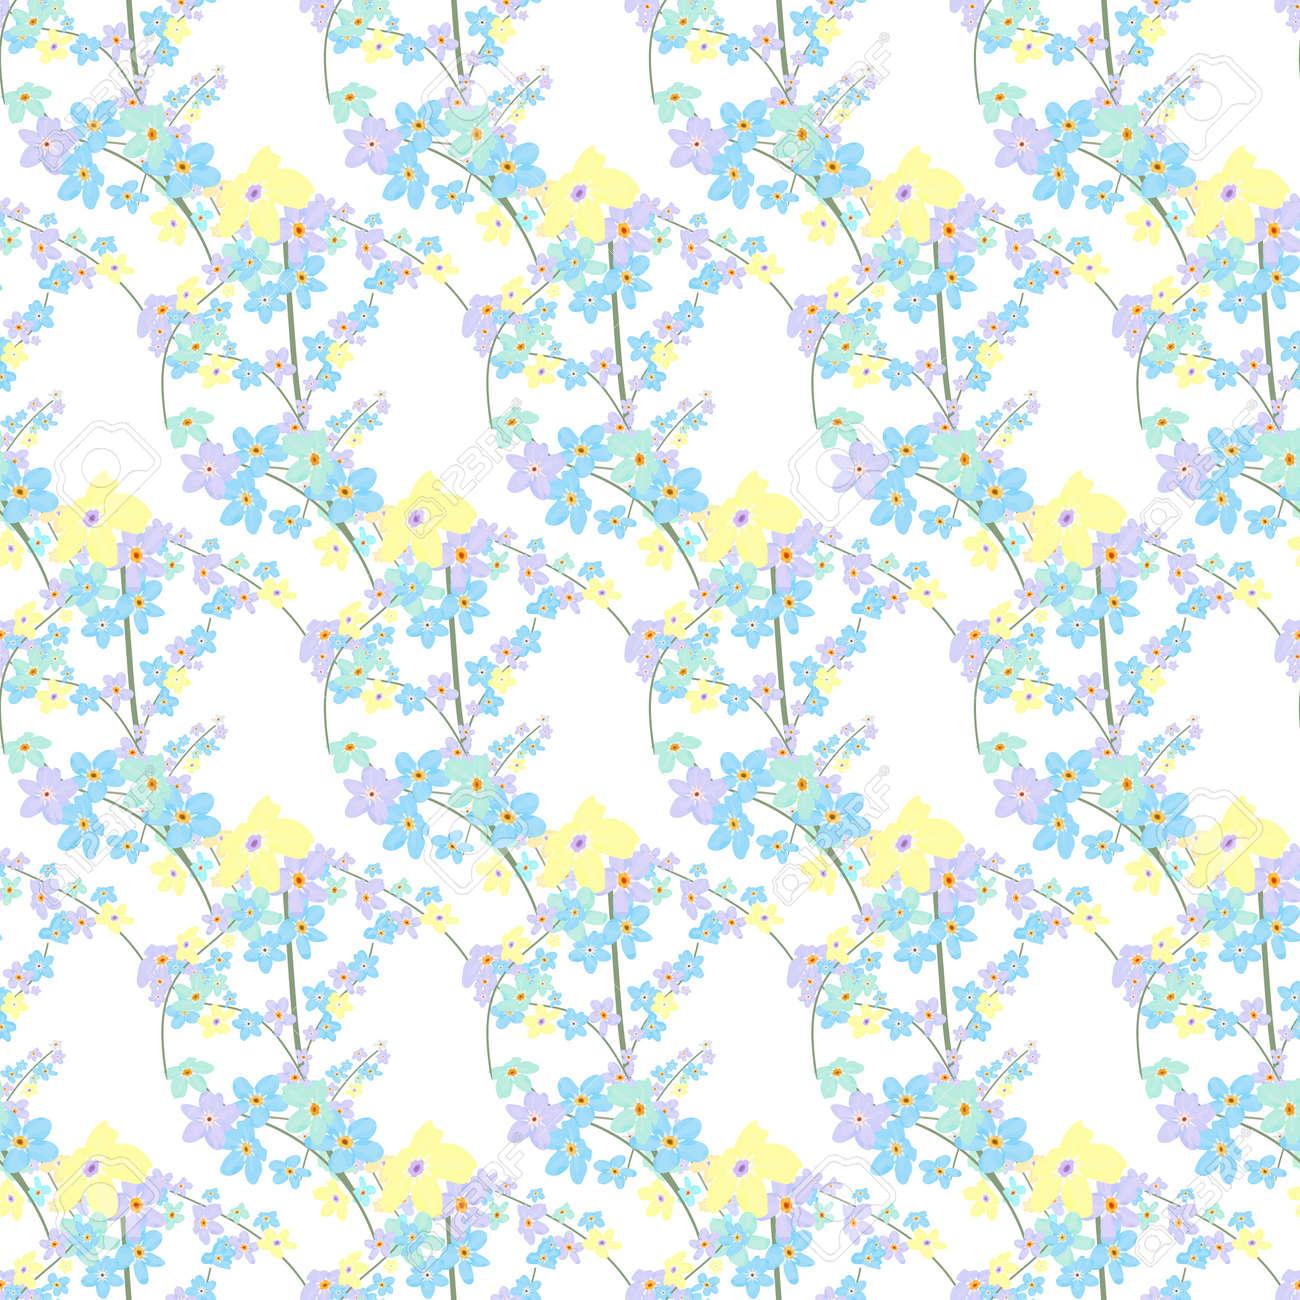 ベクター花柄シームレス パターン小さなかわいい色の花のイラスト光